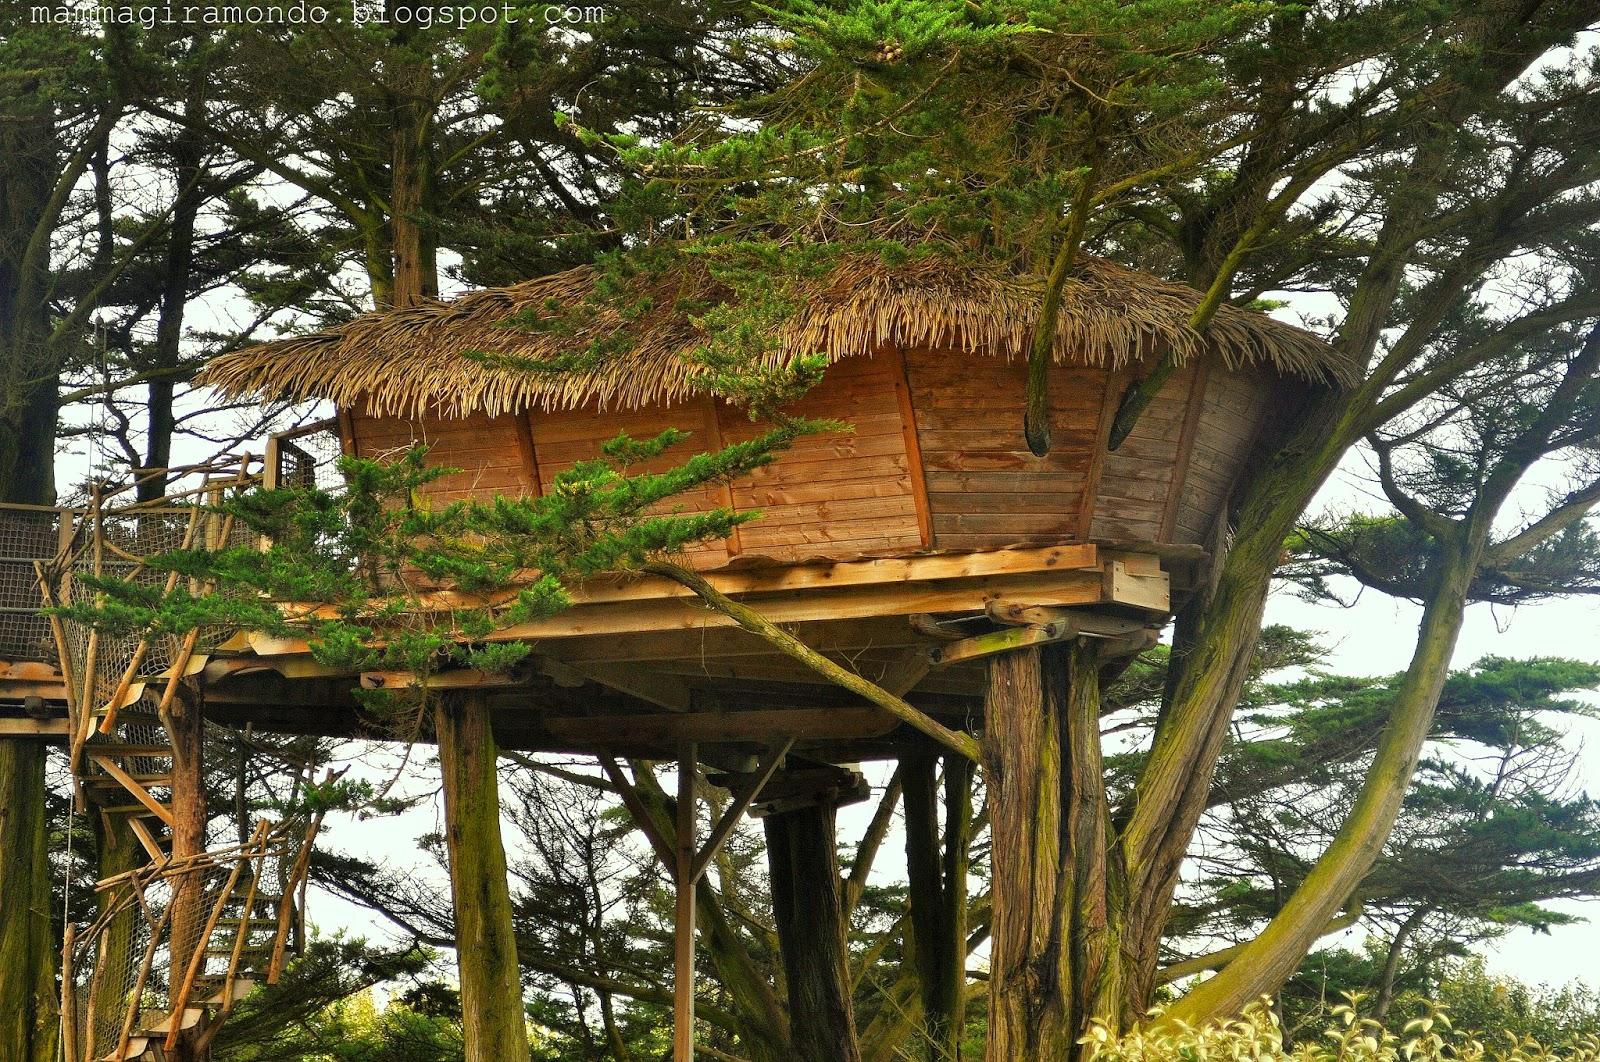 Dormire in una casa sull 39 albero in bretagna - Costruire case sugli alberi ...